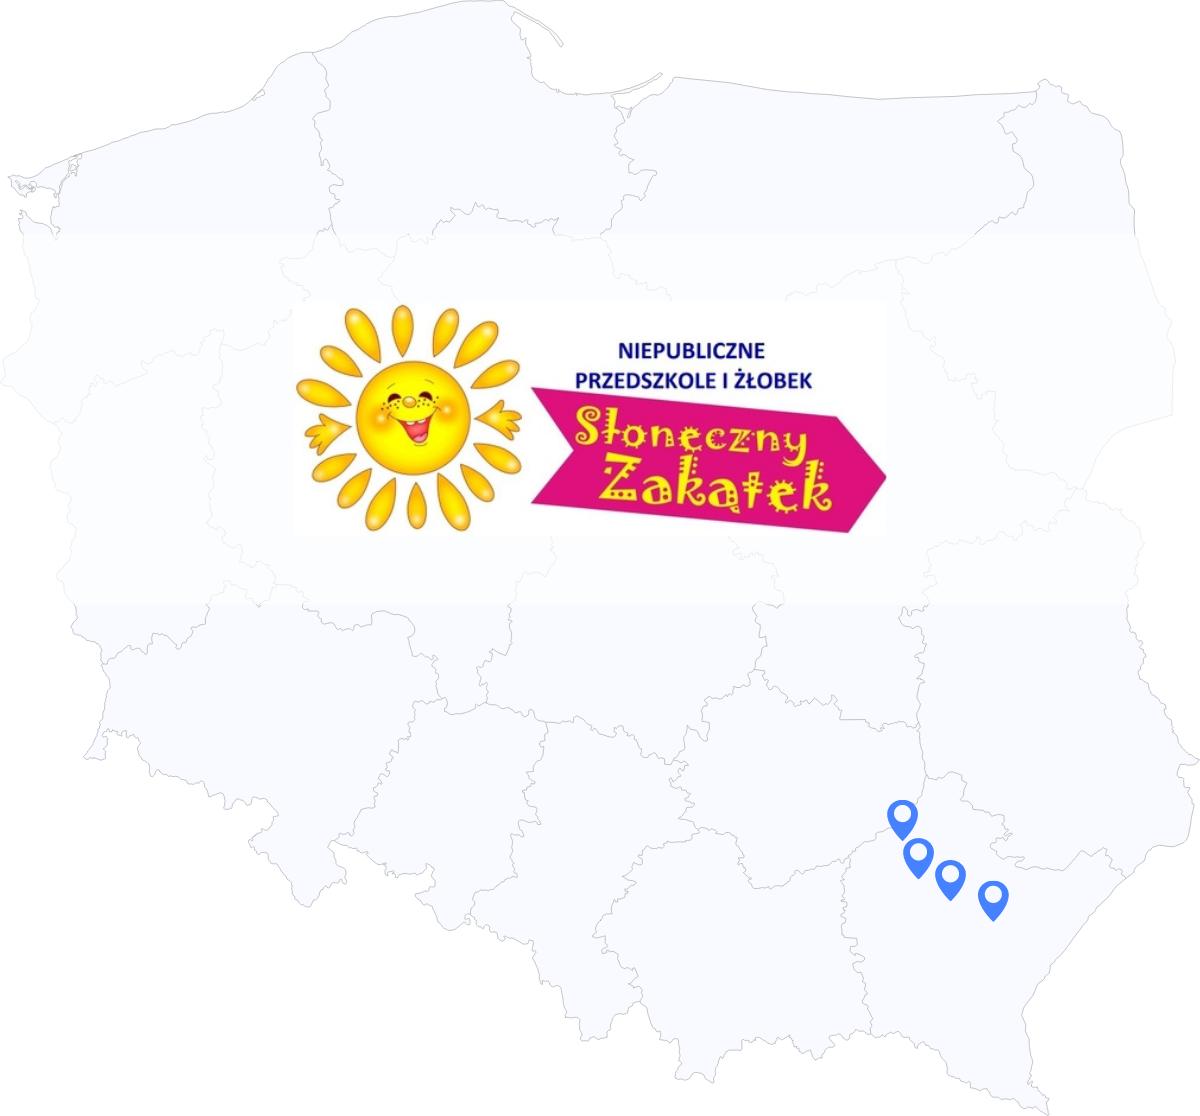 Kolbuszowa, Łańcut, Majdan Królewski, Głogów Małopolski